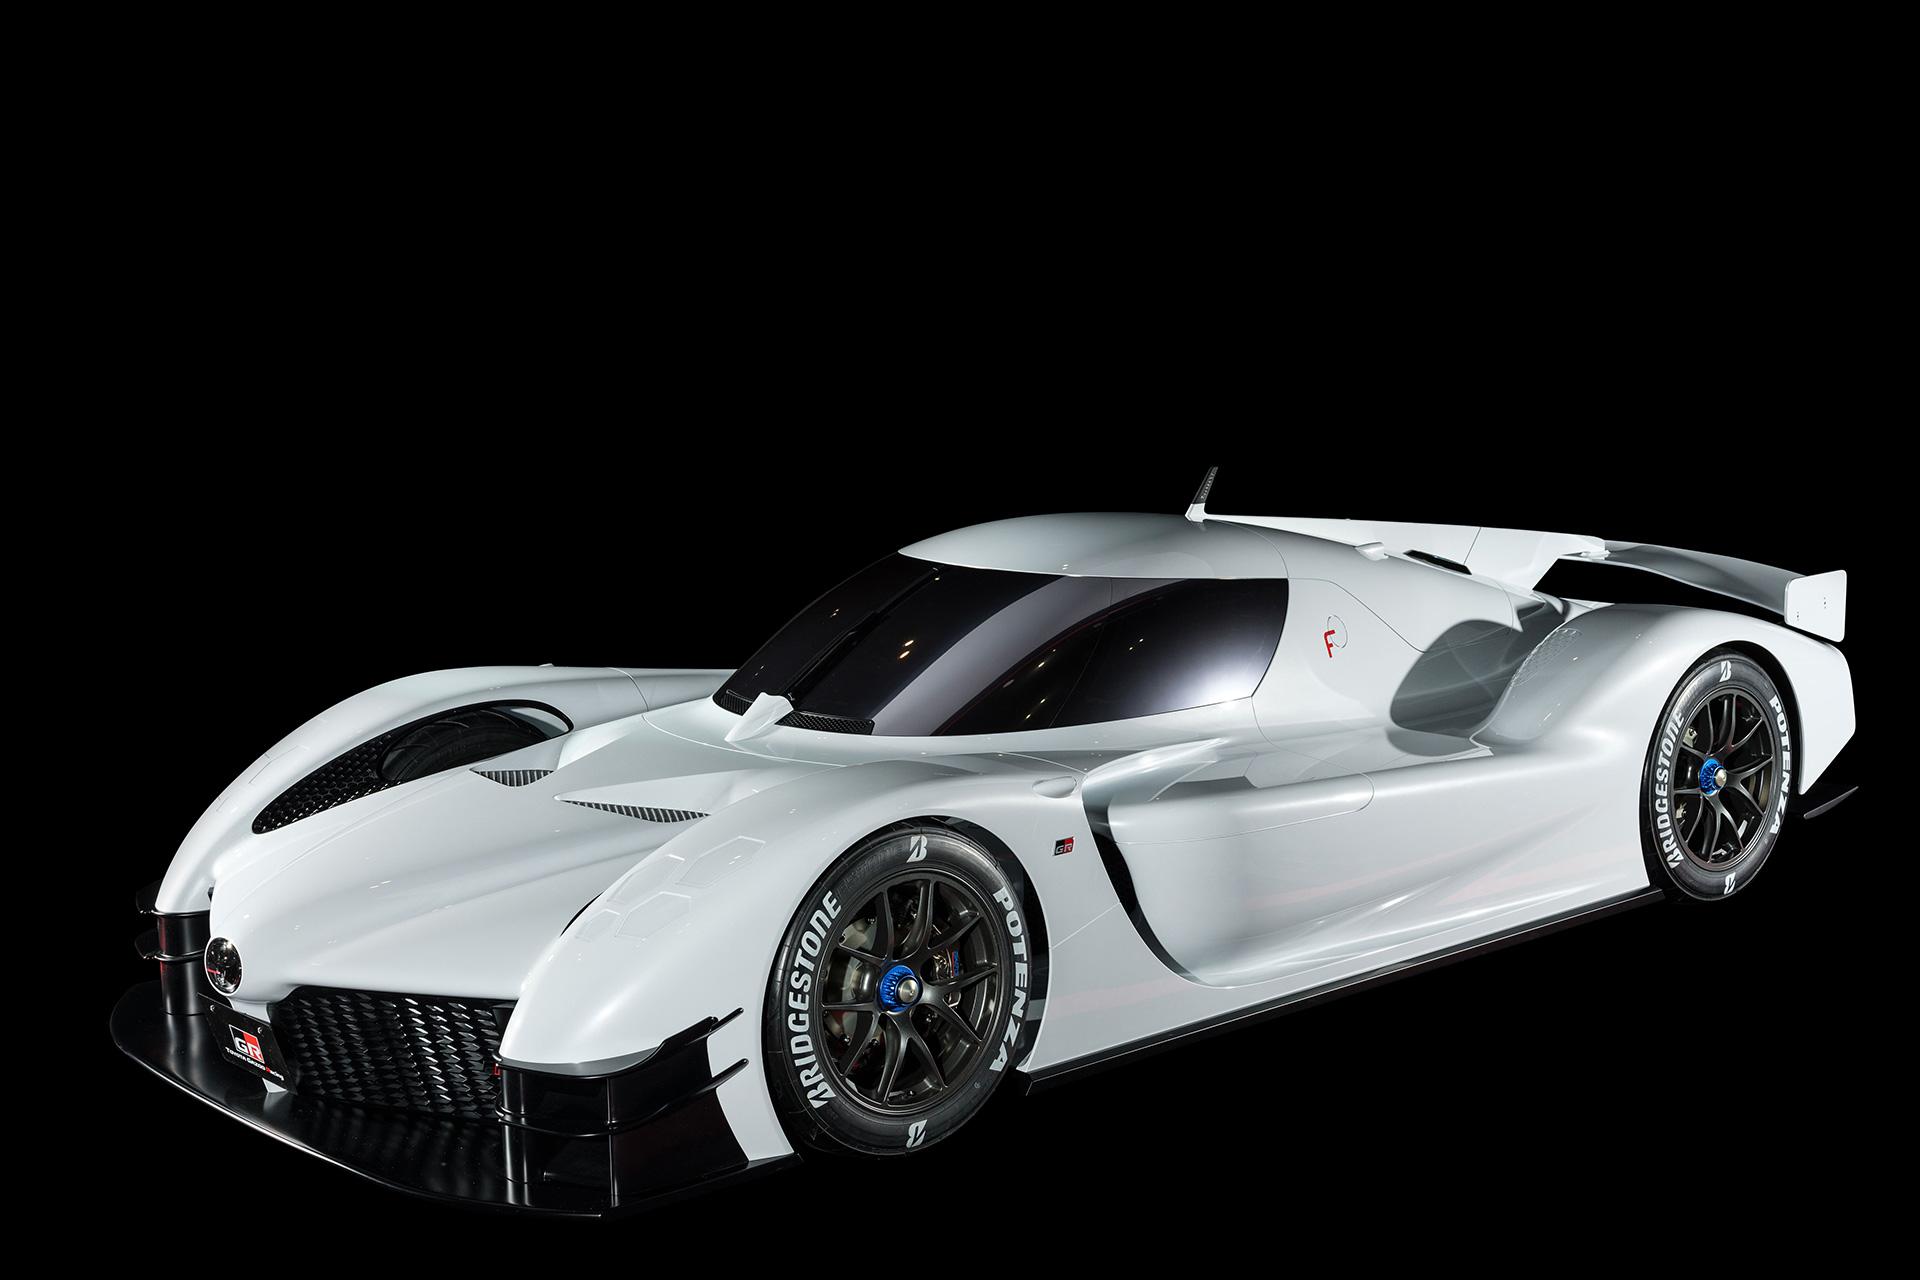 「1億円オーバーの国産車対決。スペシャルなGT-RとトヨタのGRスーパースポーツを比べてみたら……」の6枚目の画像